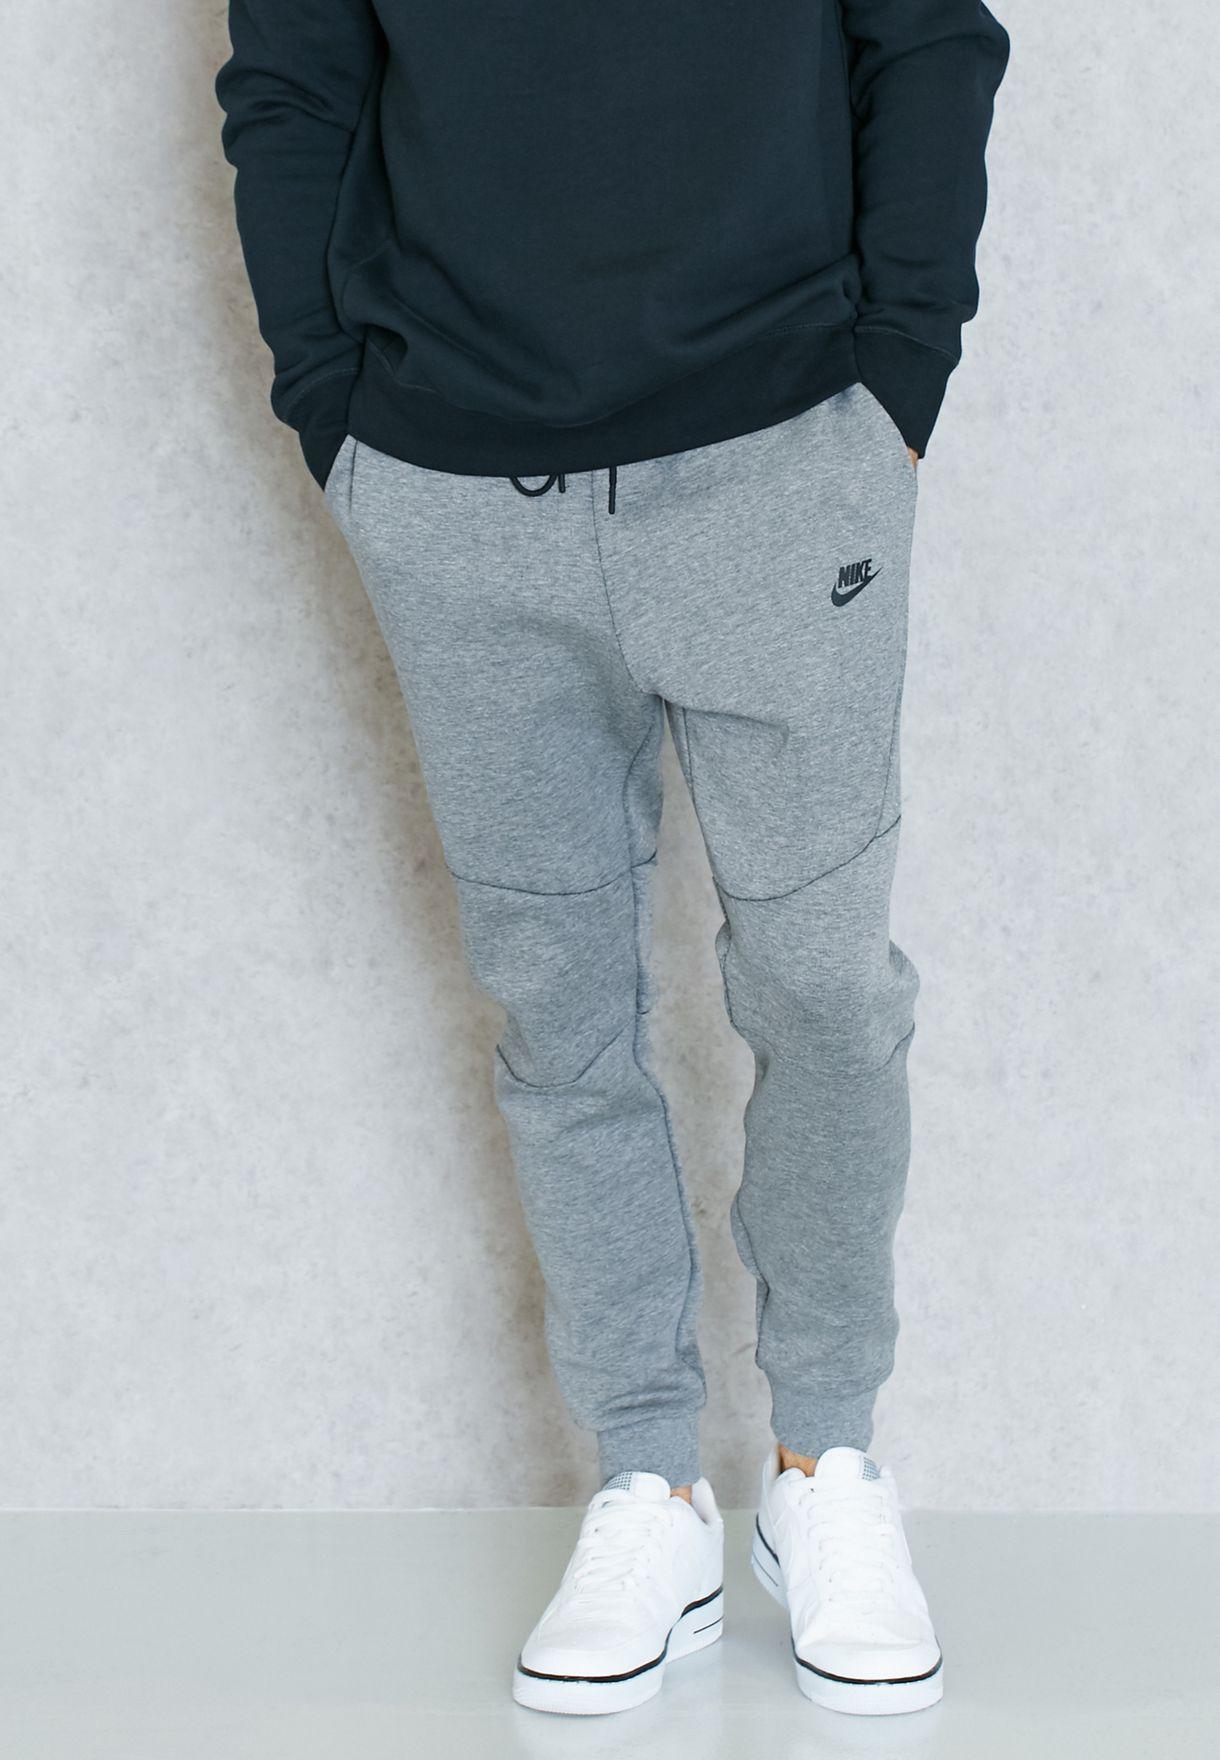 95e8c34e6acc Shop Nike grey Tech Fleece Sweatpants 805162-091 for Men in Saudi ...